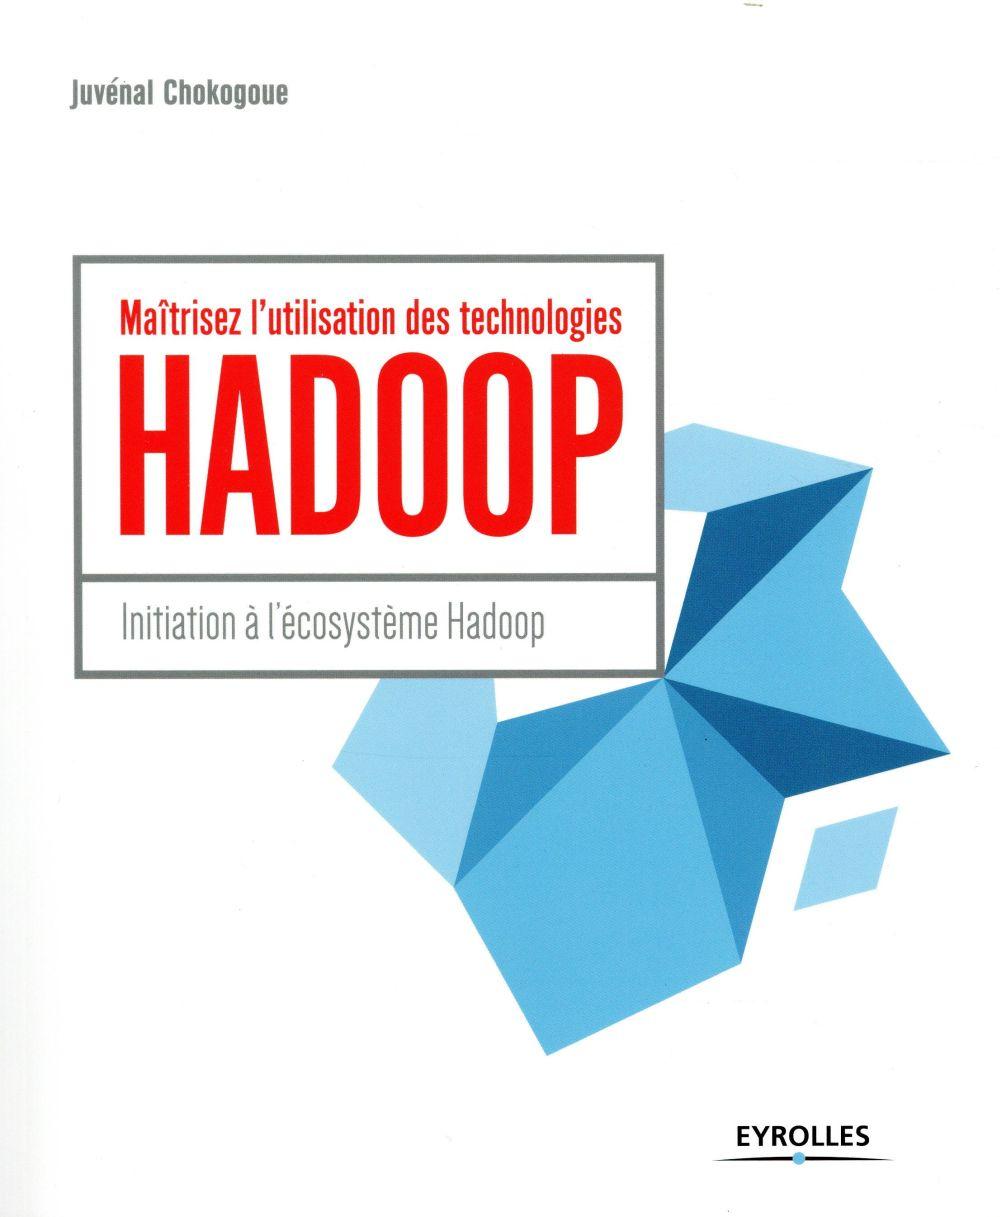 Maîtrisez l'utilisation des technologies Hadoop